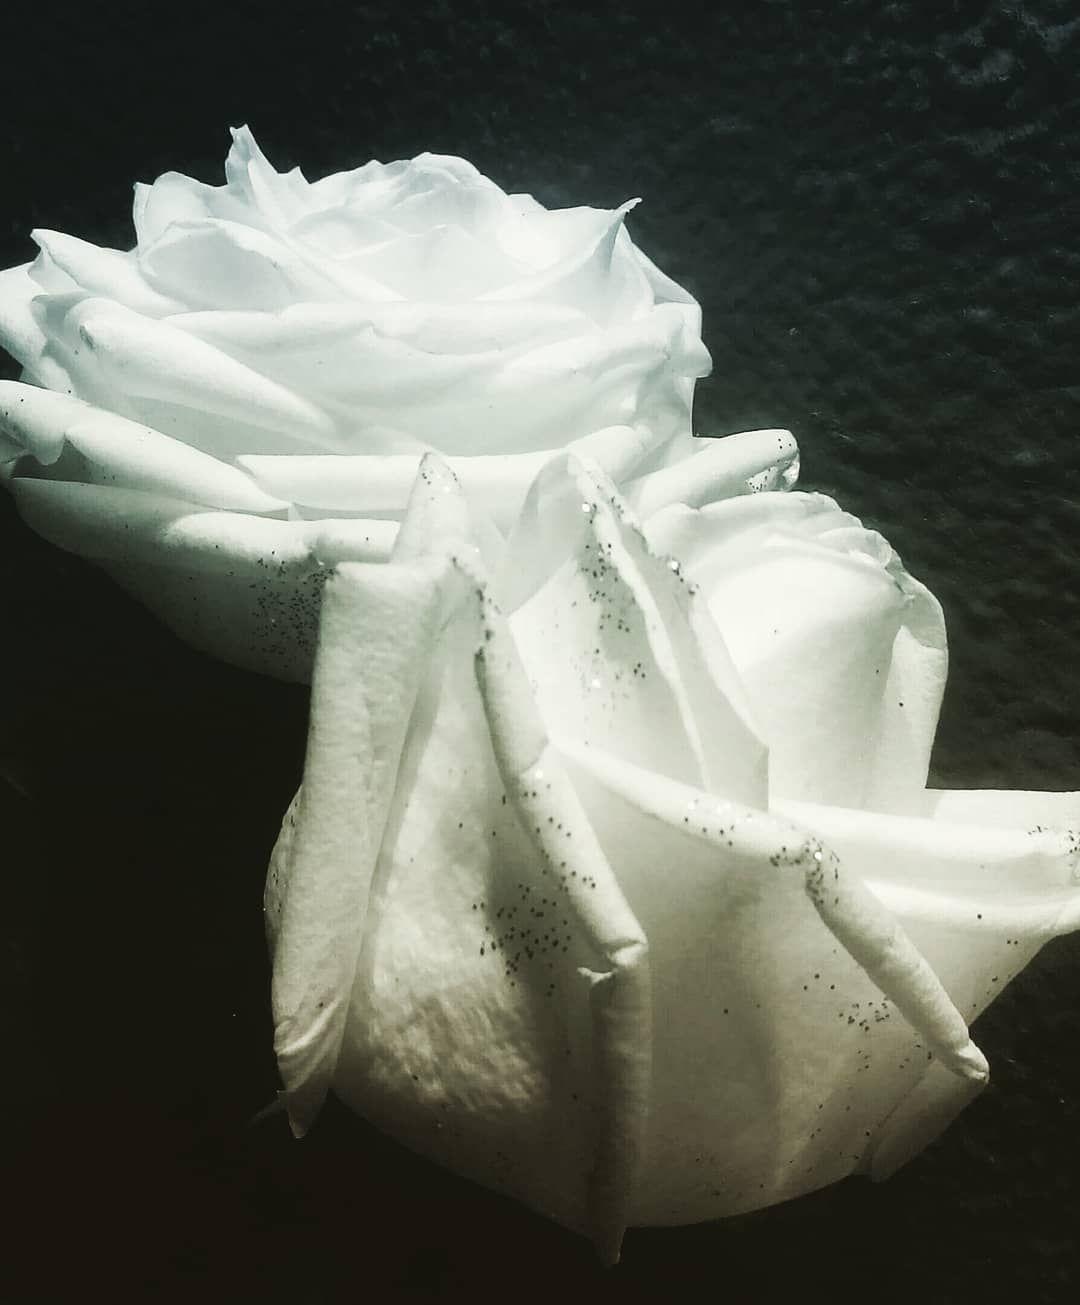 Chez Dior Roses Beautifulroses Roses Whiteroses Gardenroses